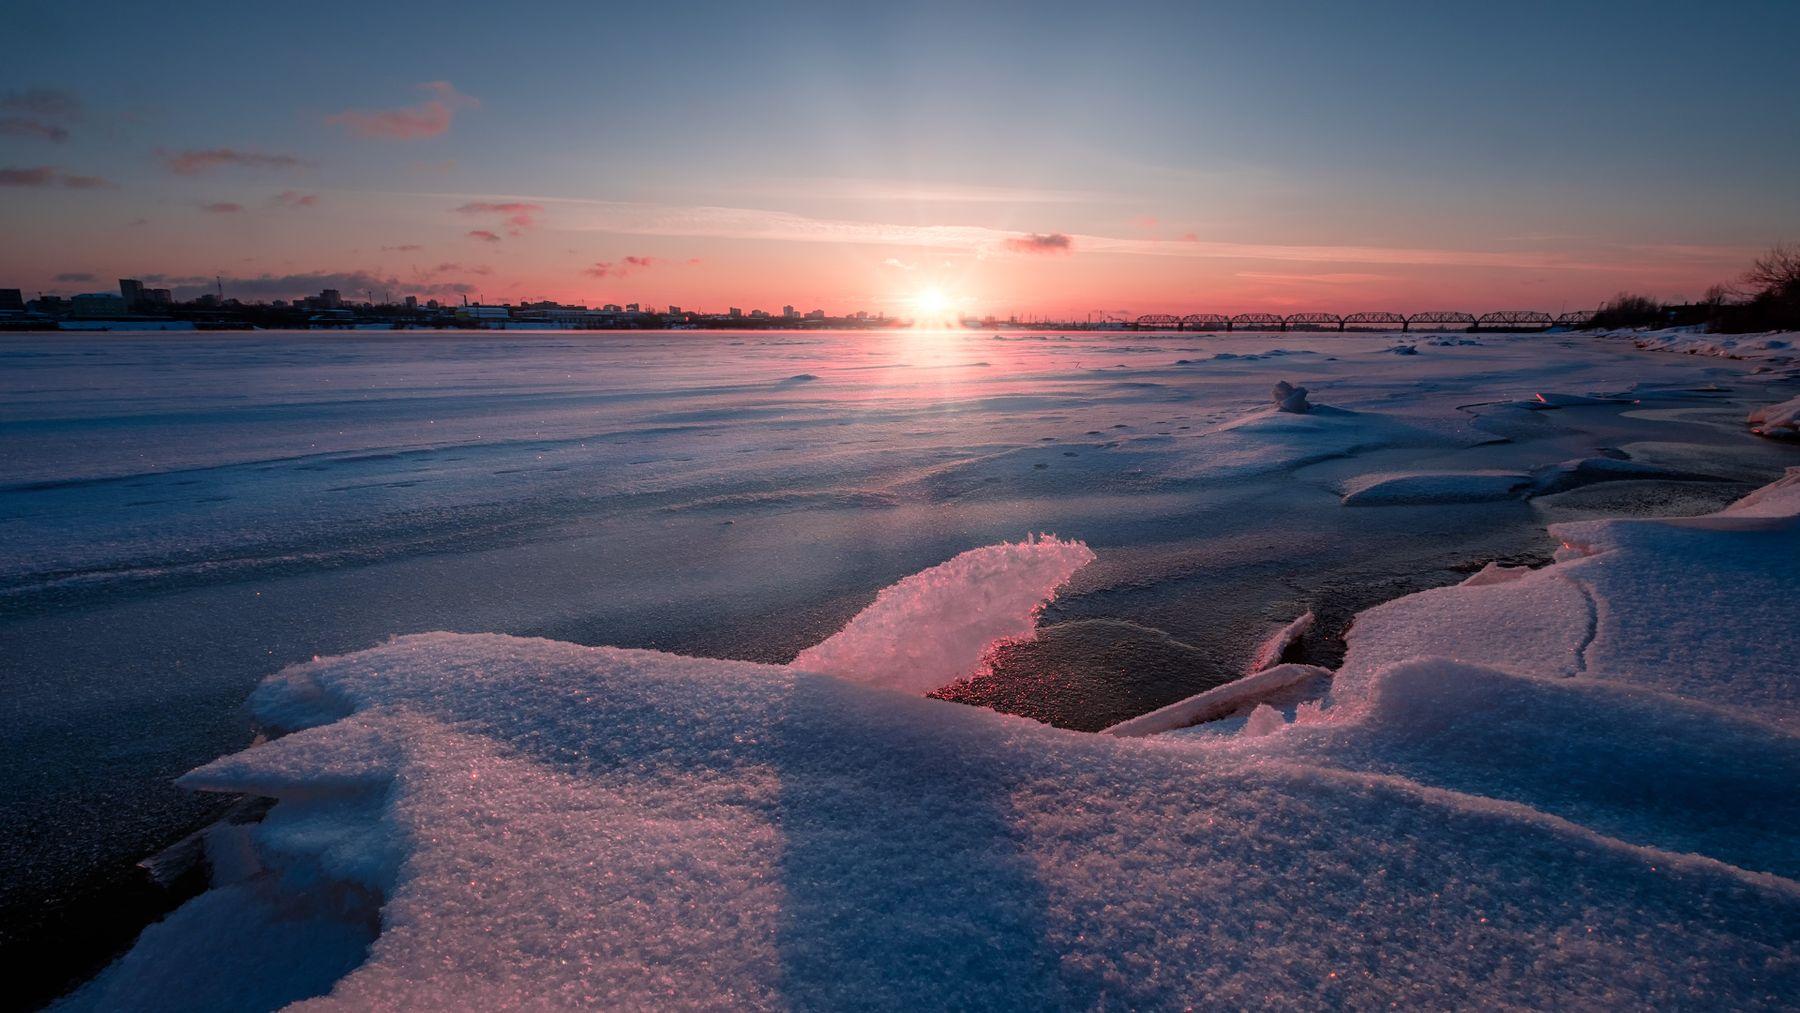 Торосы на Каме кама река зима январь лед мороз солнце закат